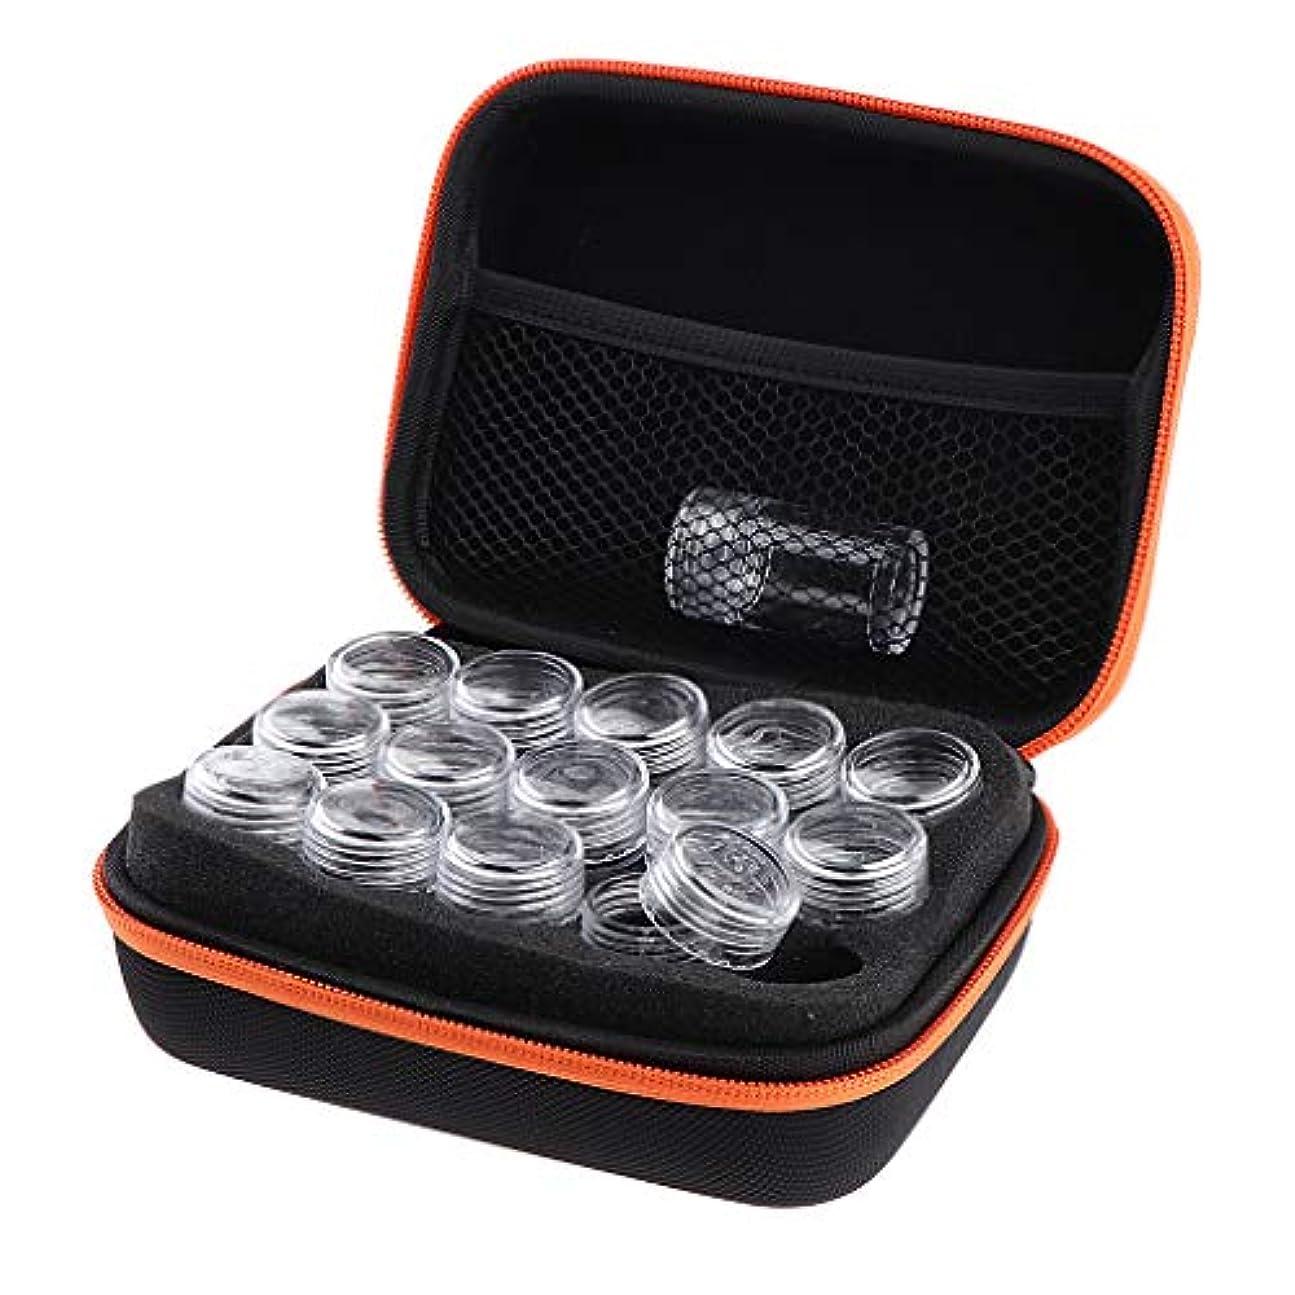 資格情報勘違いする応じるCUTICATE アロマポーチ 15本用 エッセンシャルオイル ケース 携帯用メイクポーチ 精油ケース 香水収納バッグ - オレンジ